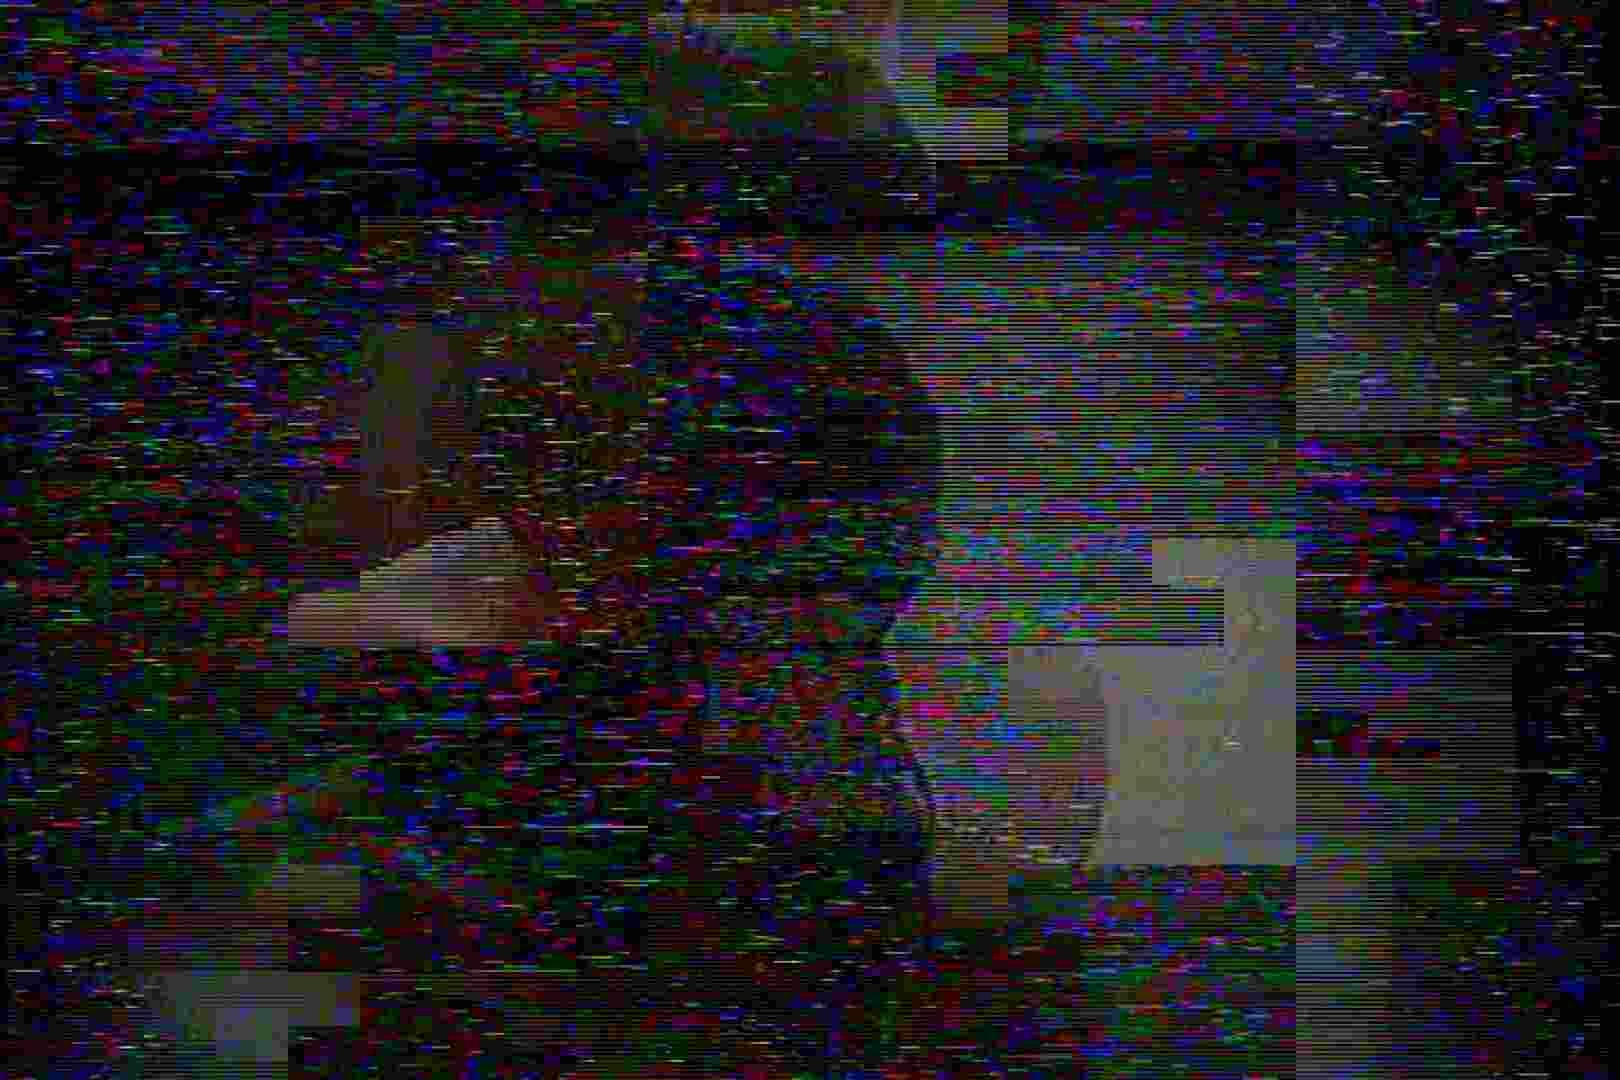 海の家の更衣室 Vol.40 シャワー 覗きおまんこ画像 104PIX 83